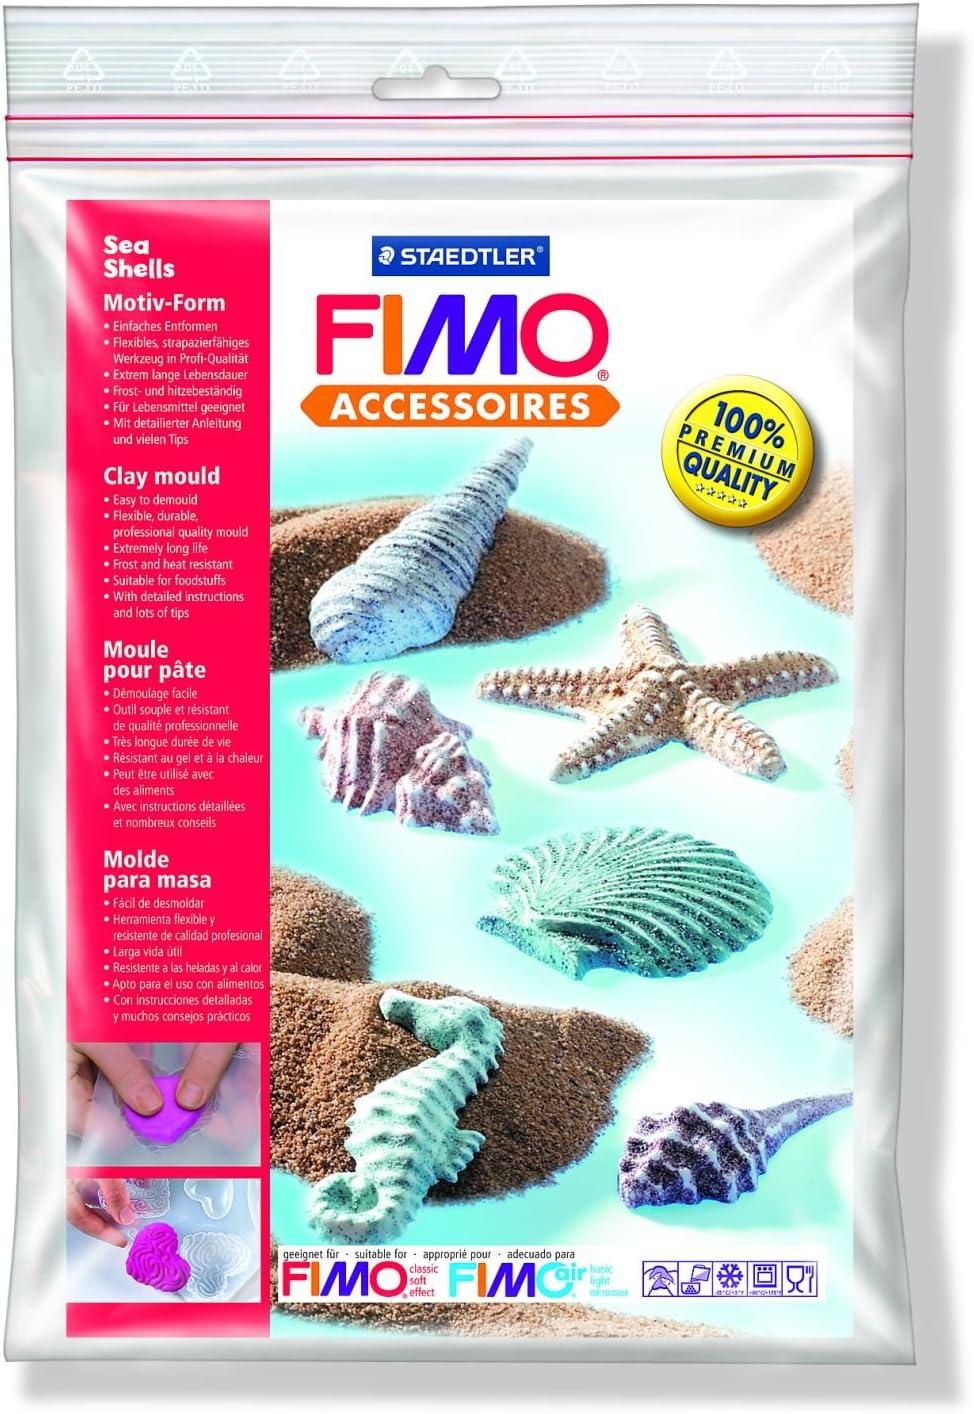 Staedtler Fimo/â Accessoires Polybag Moule 9 Motifs Papillons 9 x 4 cm